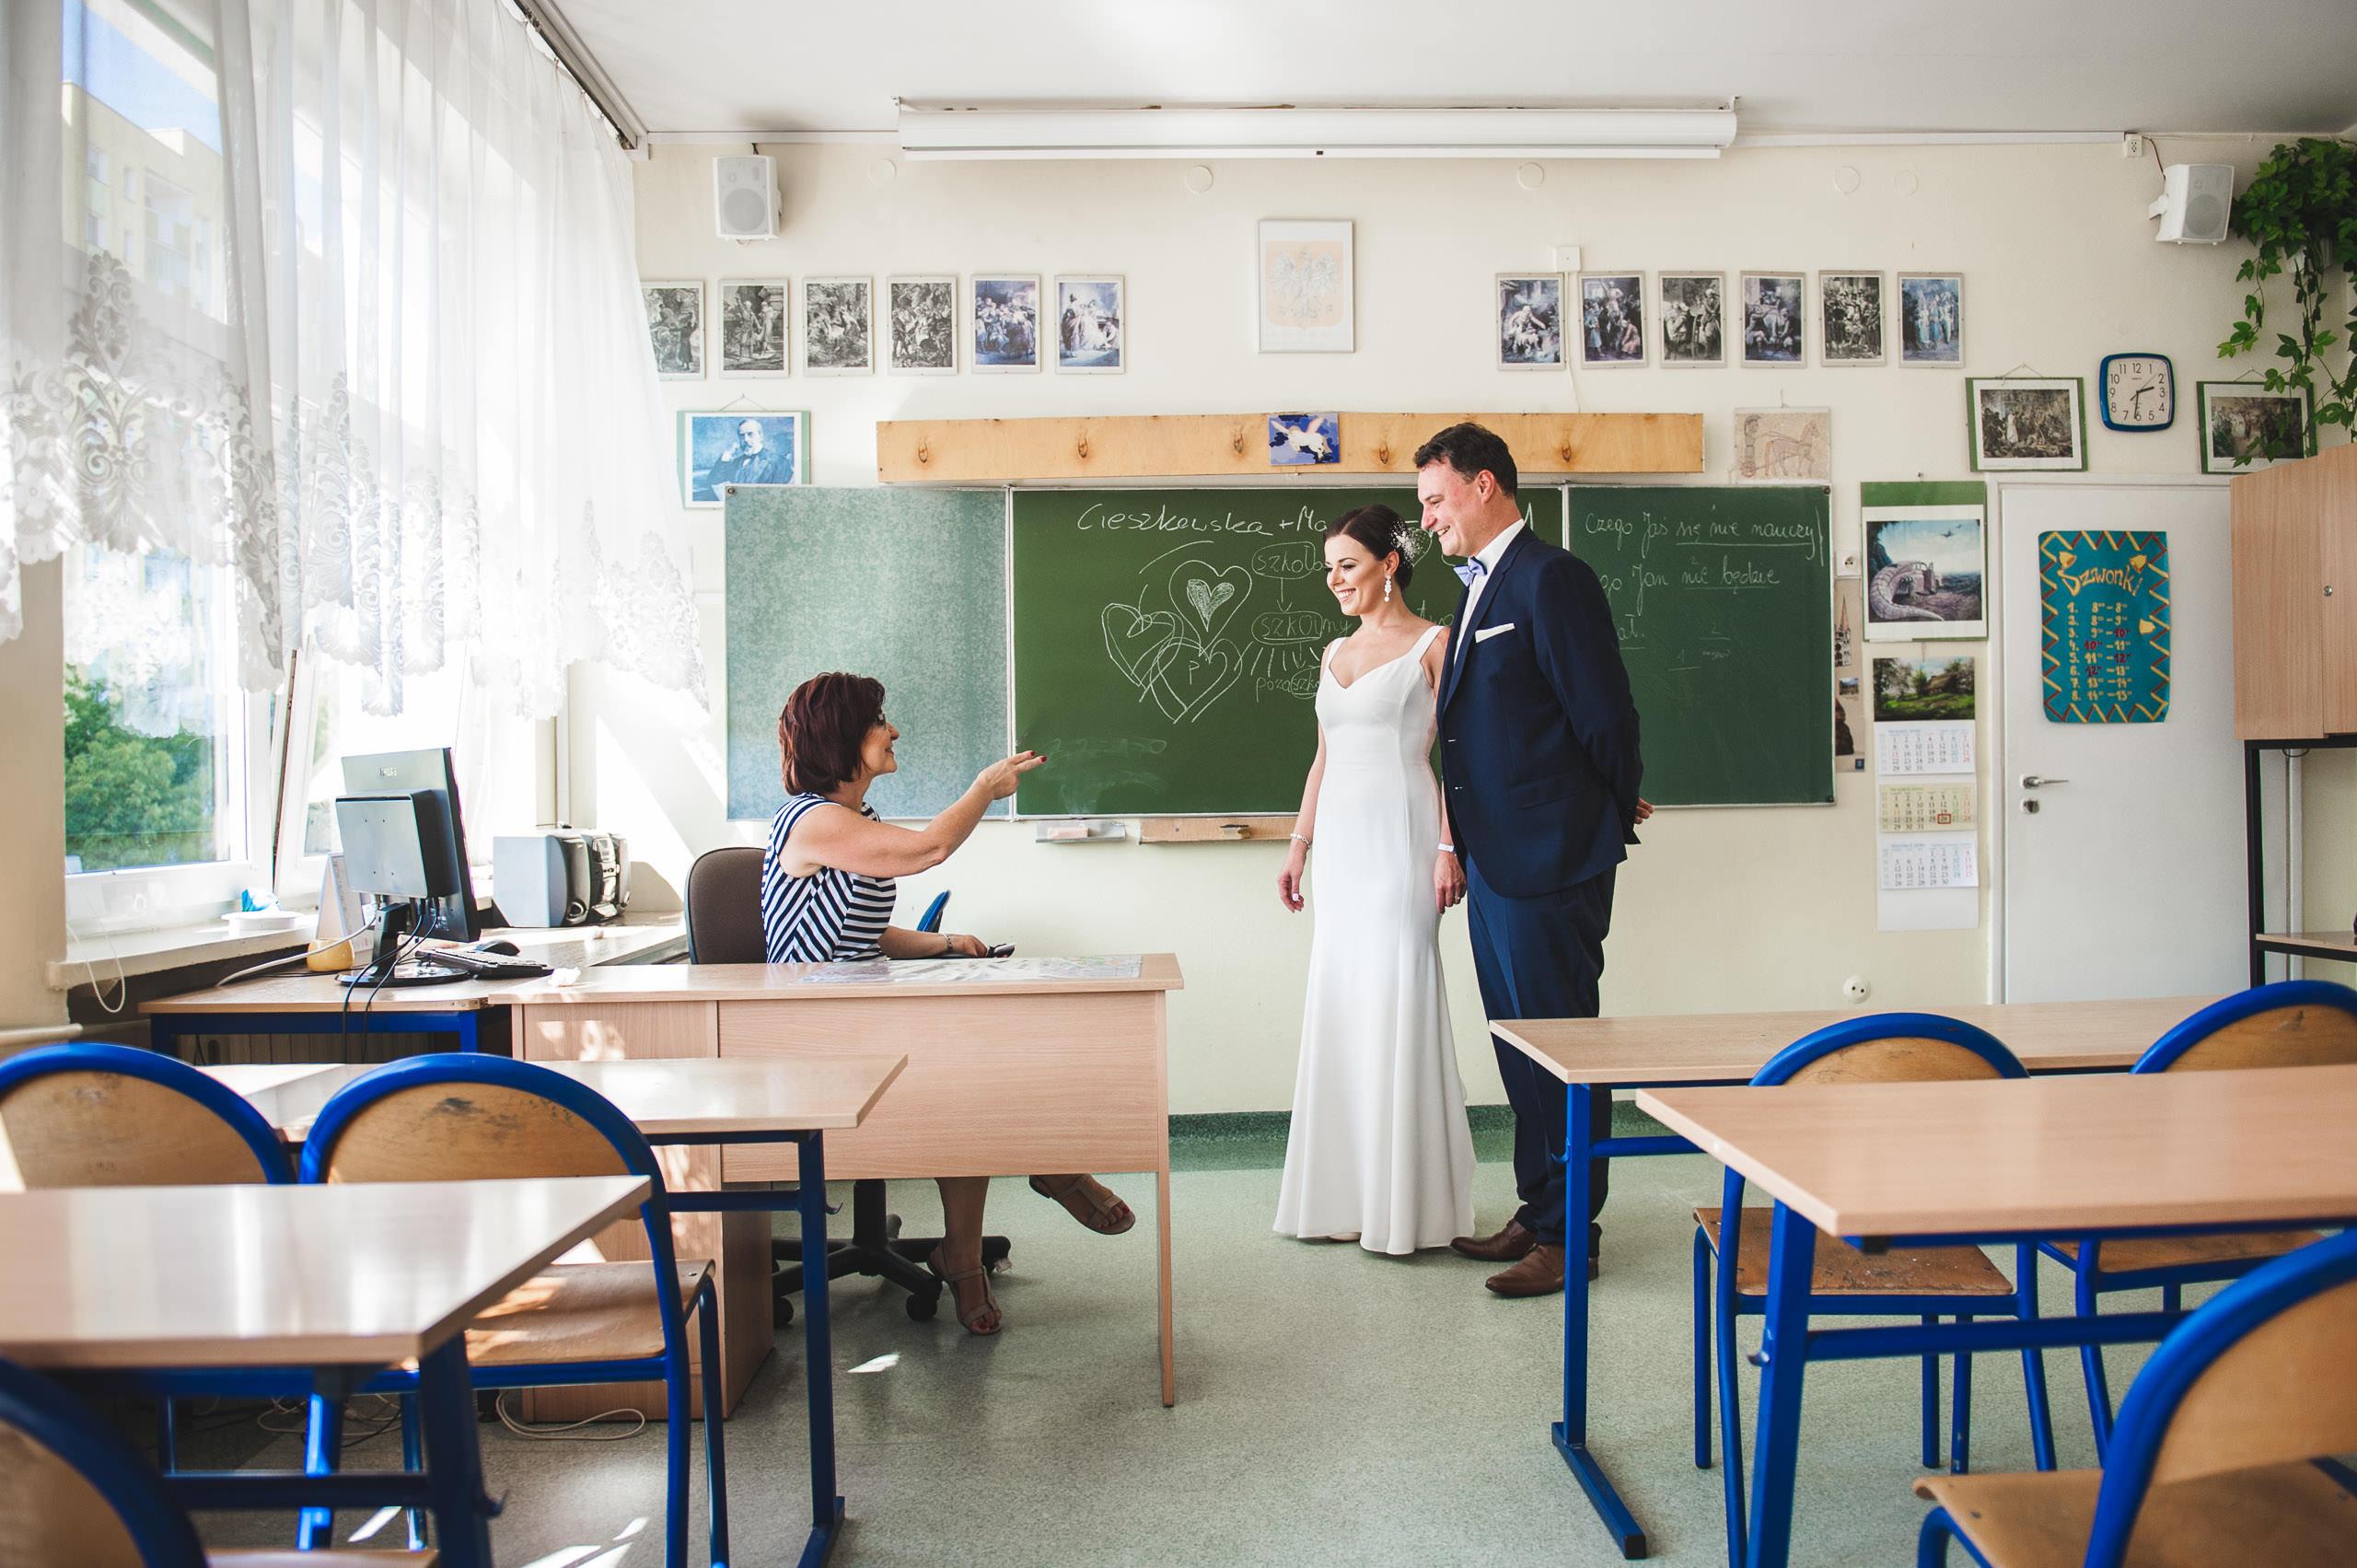 fotografia slubna warszawa 23 plener szkola podstawowa